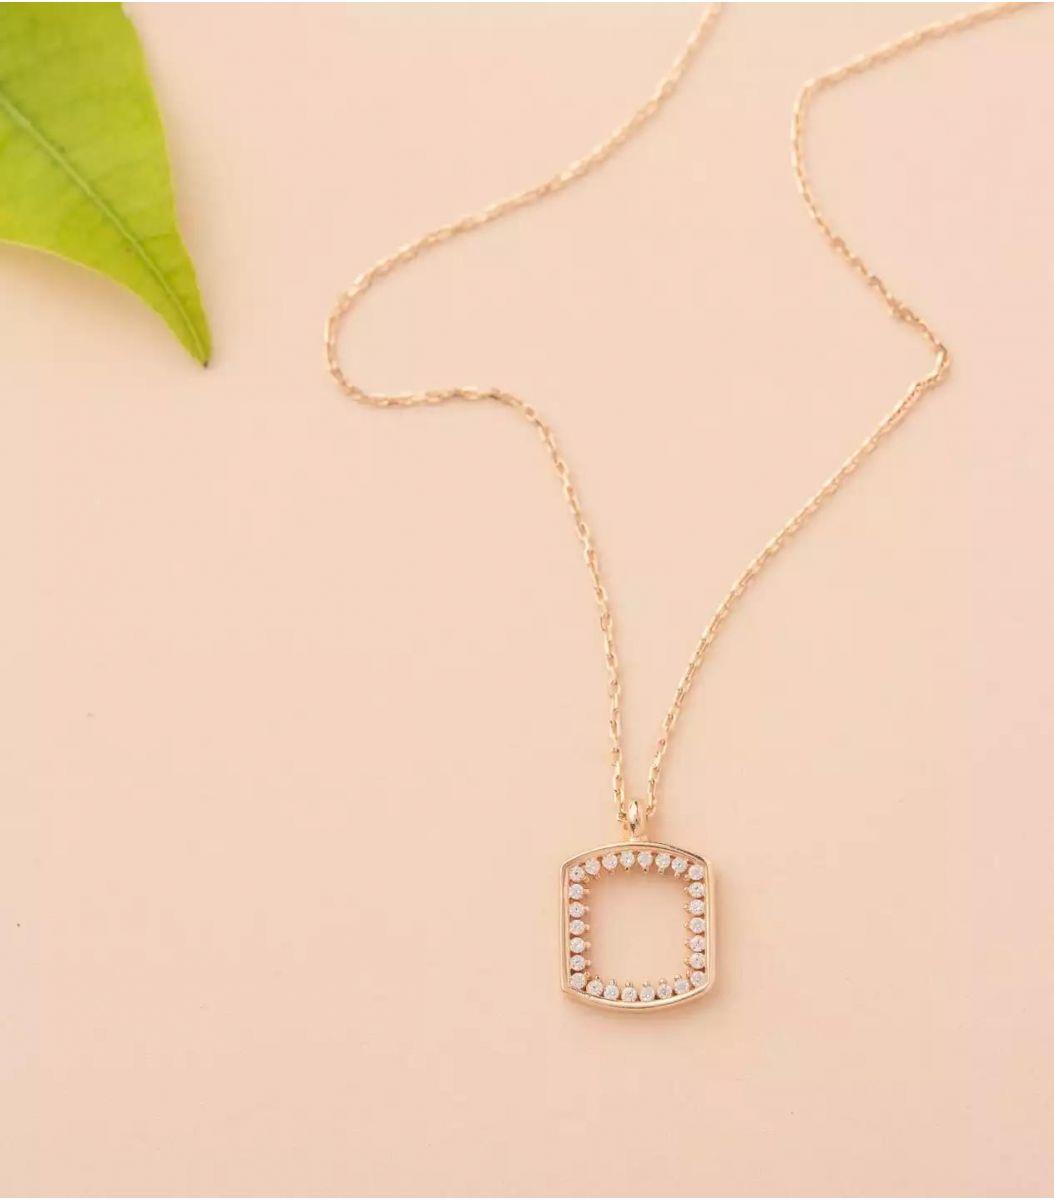 Silver Fancy Chain Pendant FJ1796751